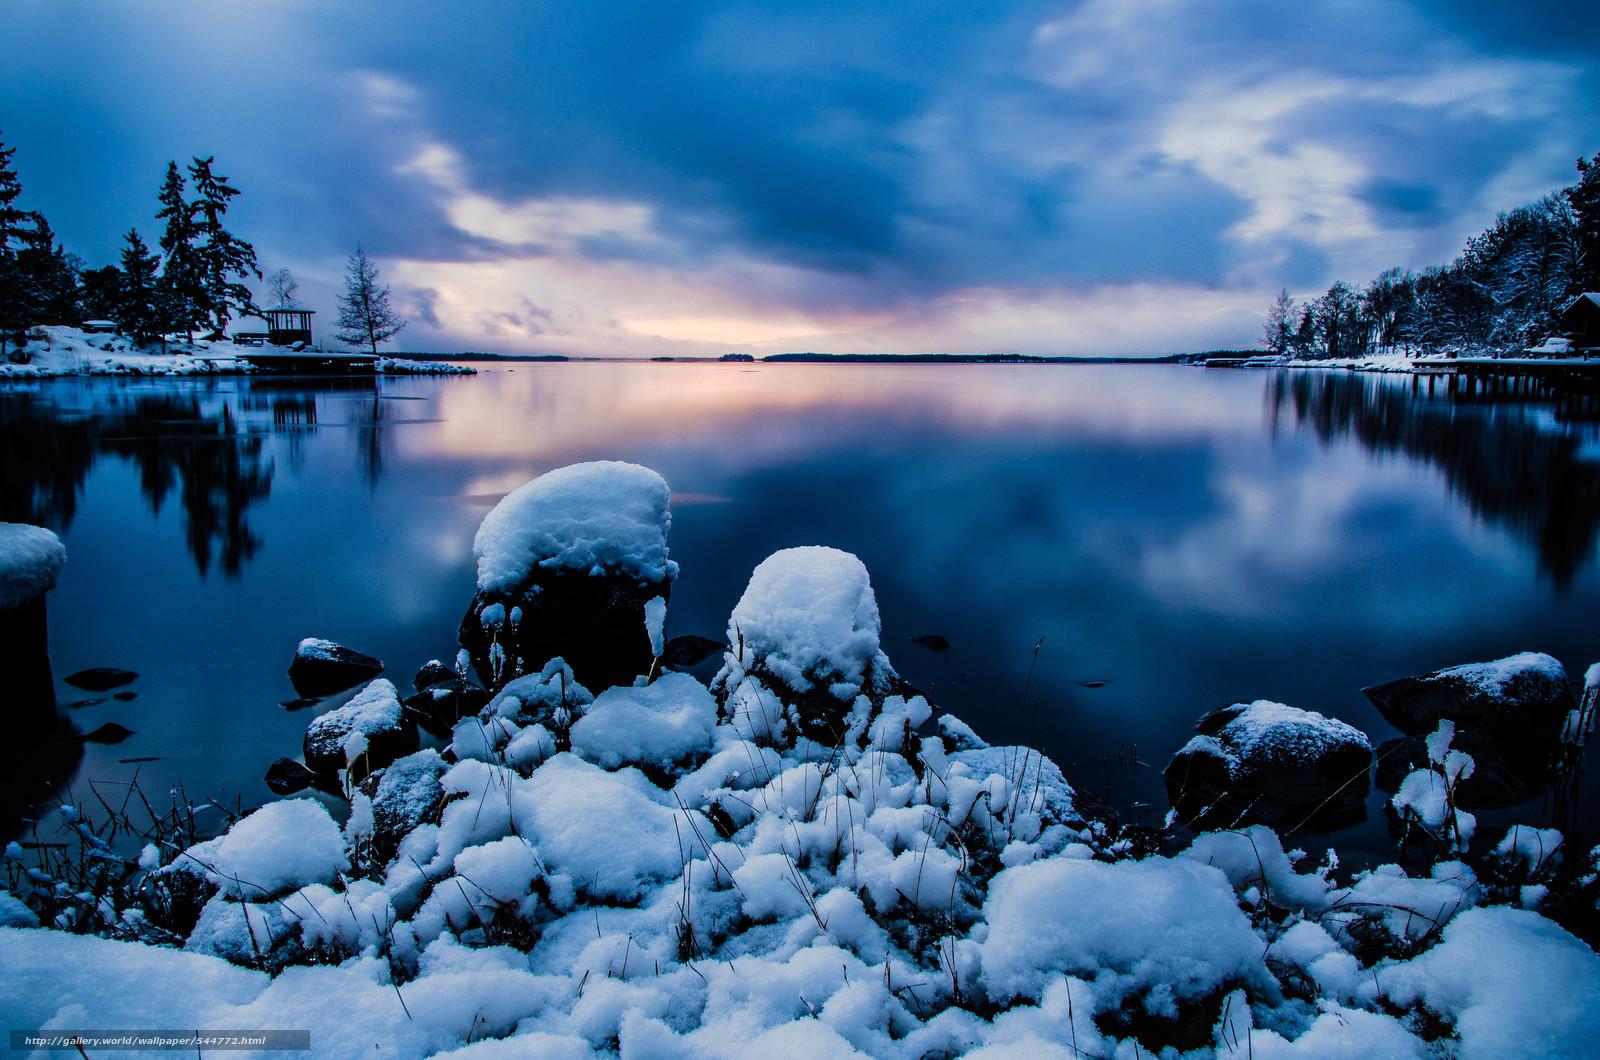 descarca imagini de fundal Suedia,  iarnă,  lac,  arbore Imagini de fundal gratuite pentru rezoluia desktop 4886x3236 — imagine №544772